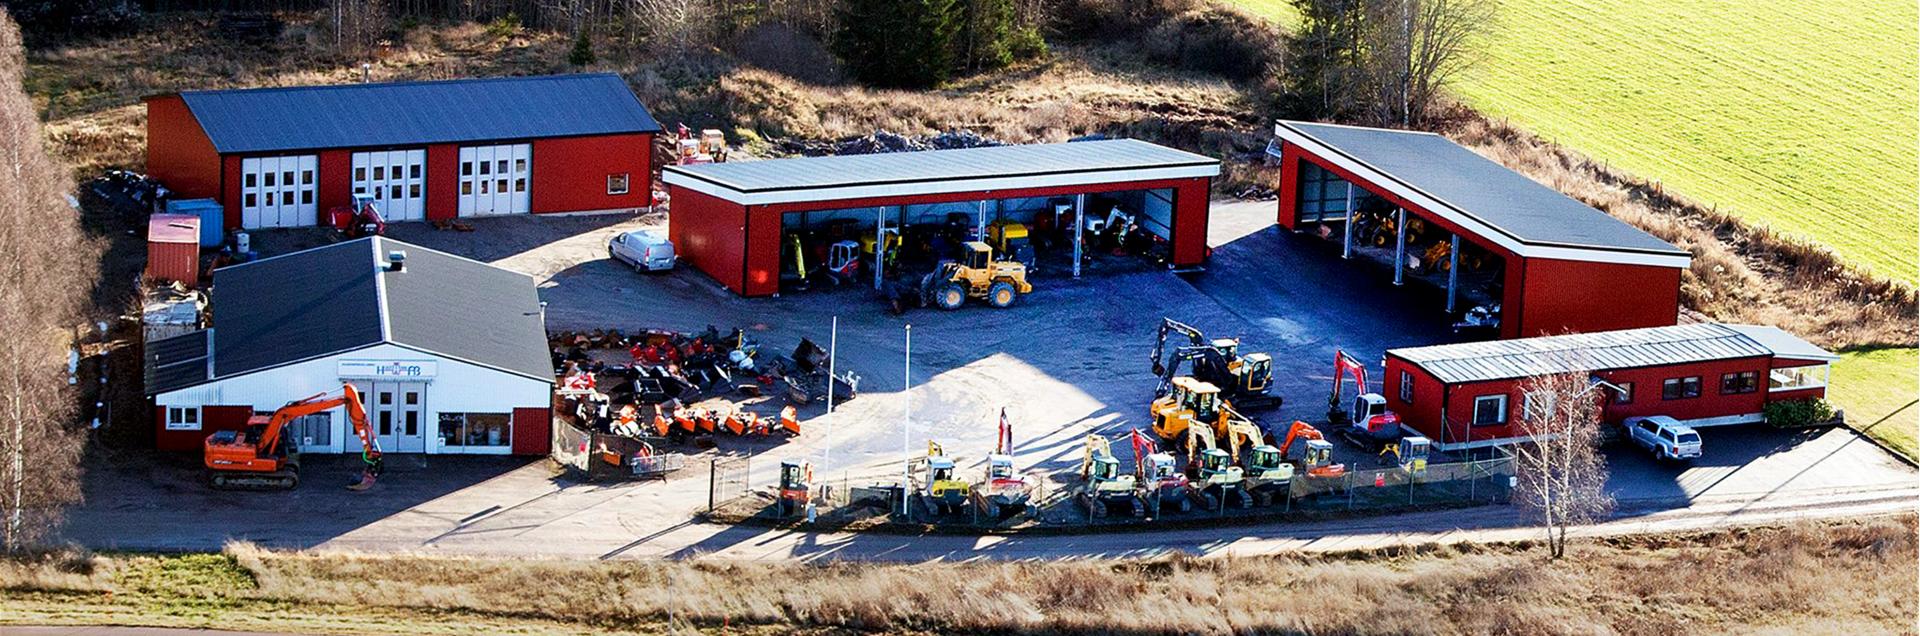 Av oss kan ni hyra grävmaskin i Örebro. Här ser man flera av våra maskiner.